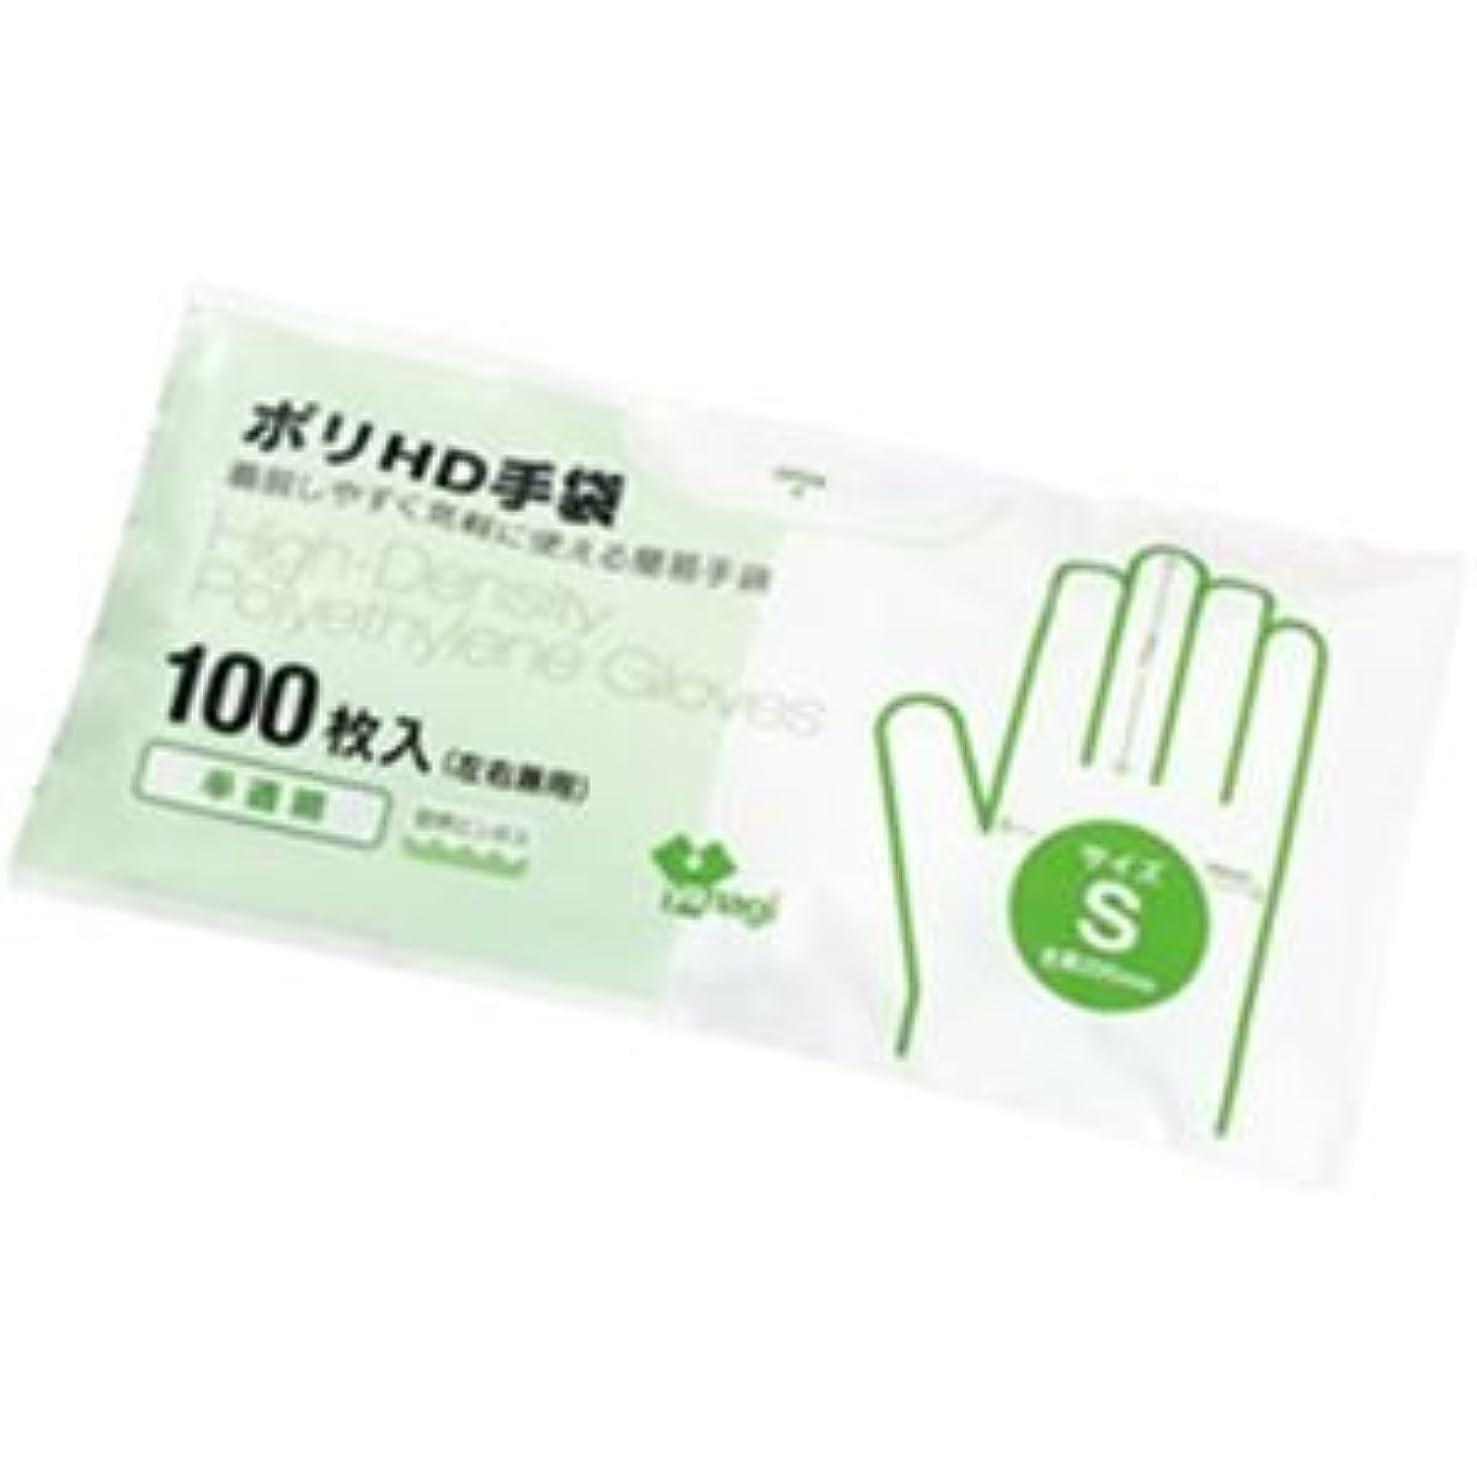 コーヒー教育者アルミニウム(業務用セット) やなぎプロダクツ 高密度ポリエチレン手袋 S 半透明 1箱(100枚) 【×30セット】